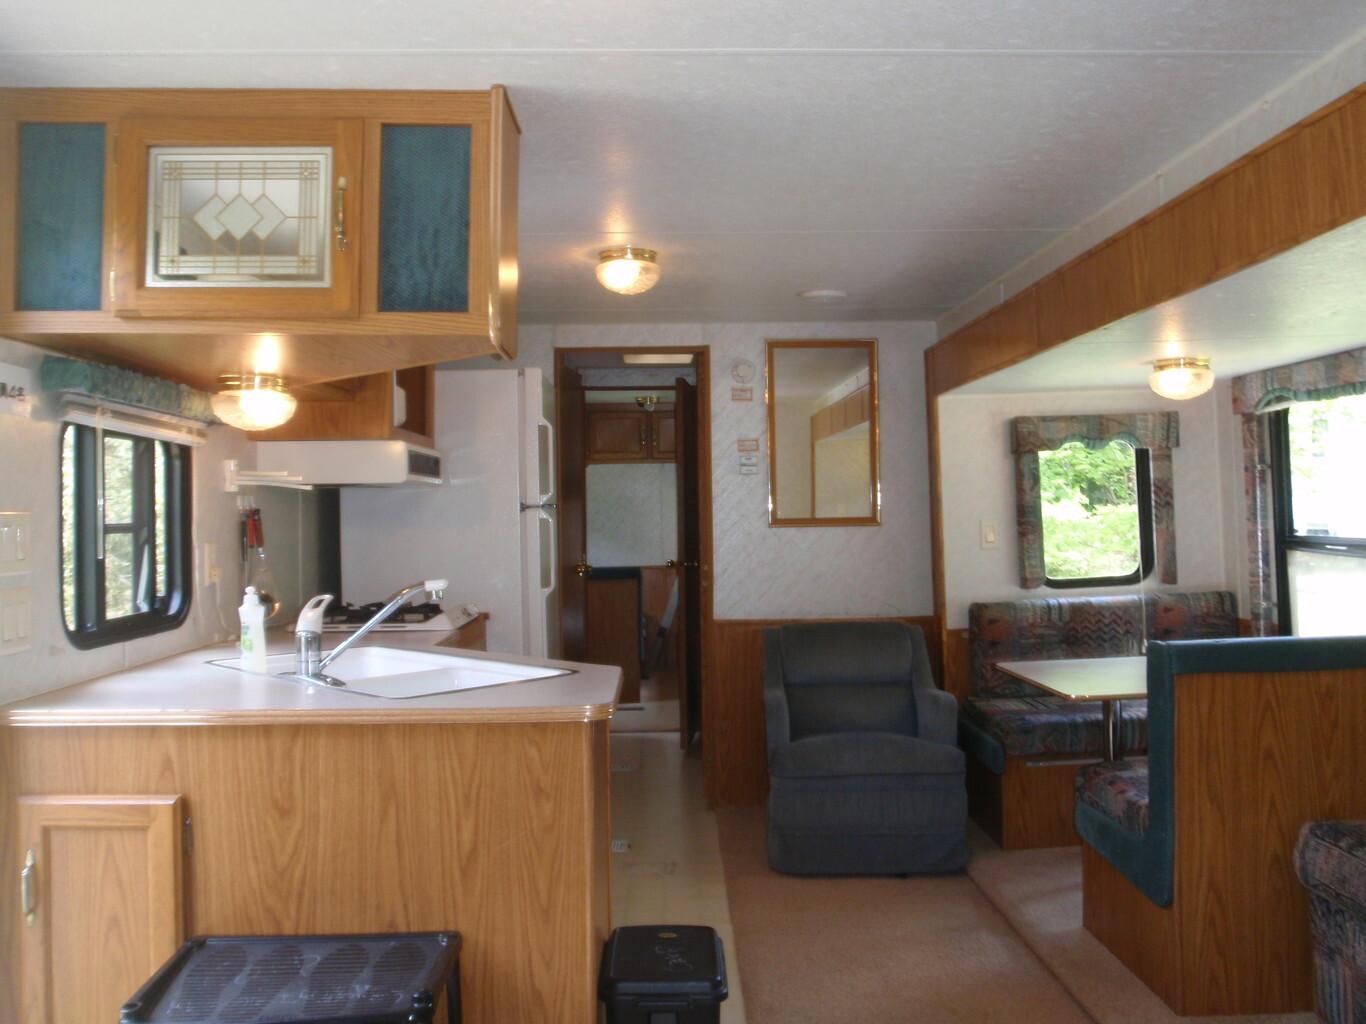 カヌーの里おおちオートキャンプ場 の公式写真c12027